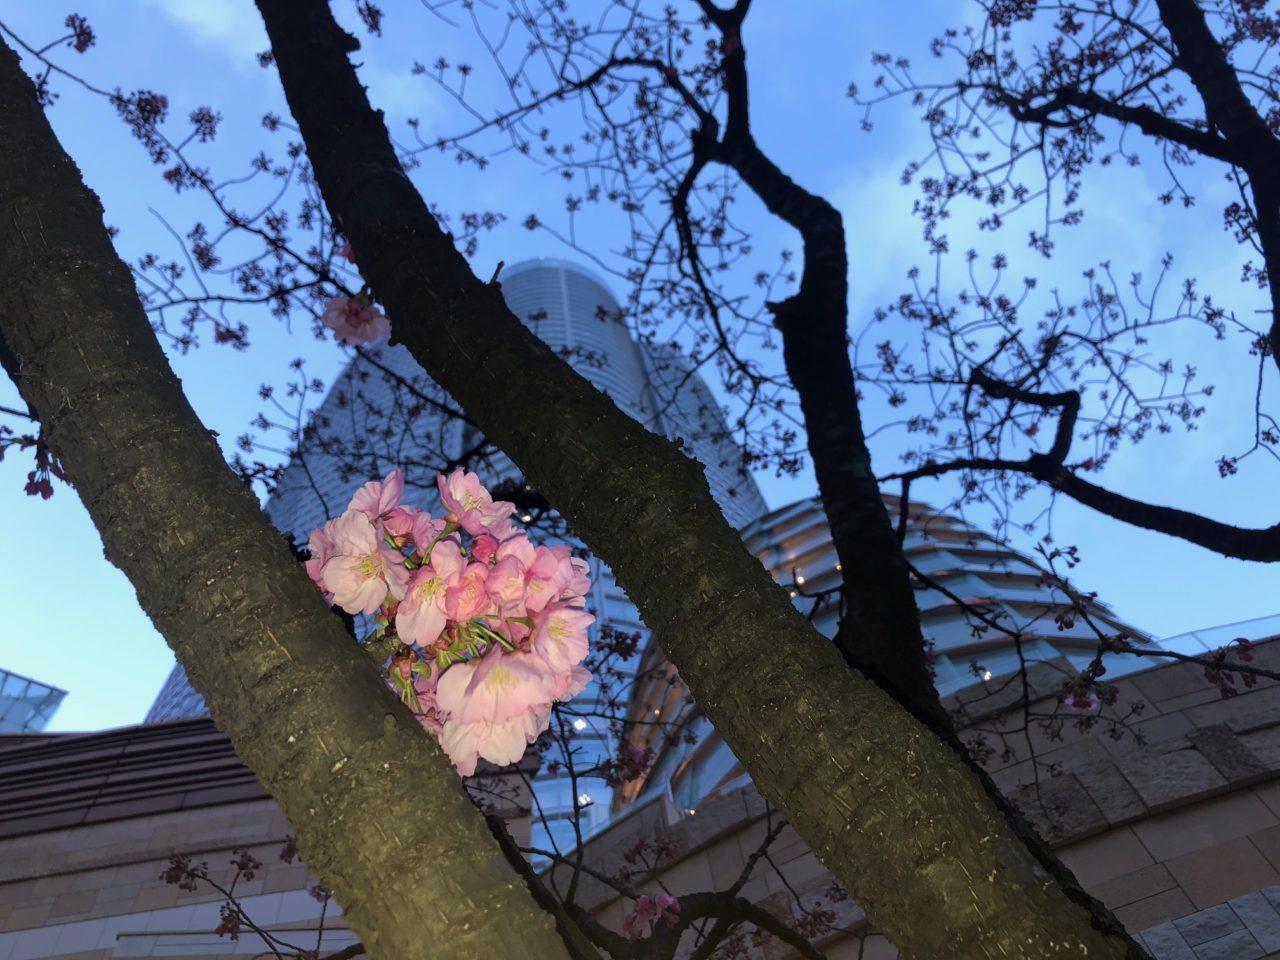 六本木ヒルズの春祭り2020!通常は非公開の屋上庭園へ!